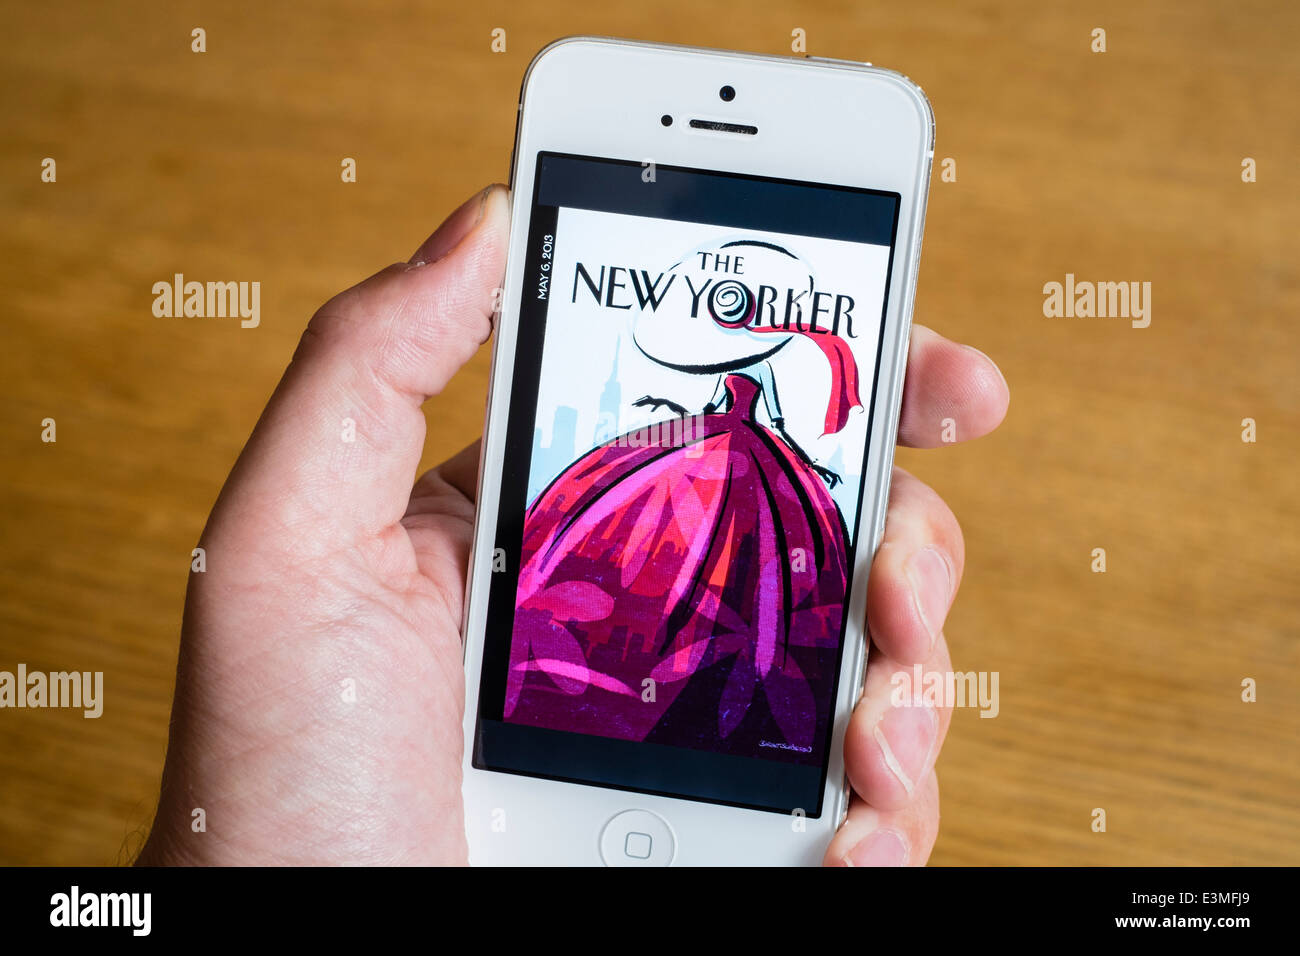 Detalle del New Yorker mobile online app en el iPhone teléfonos inteligentes. Imagen De Stock